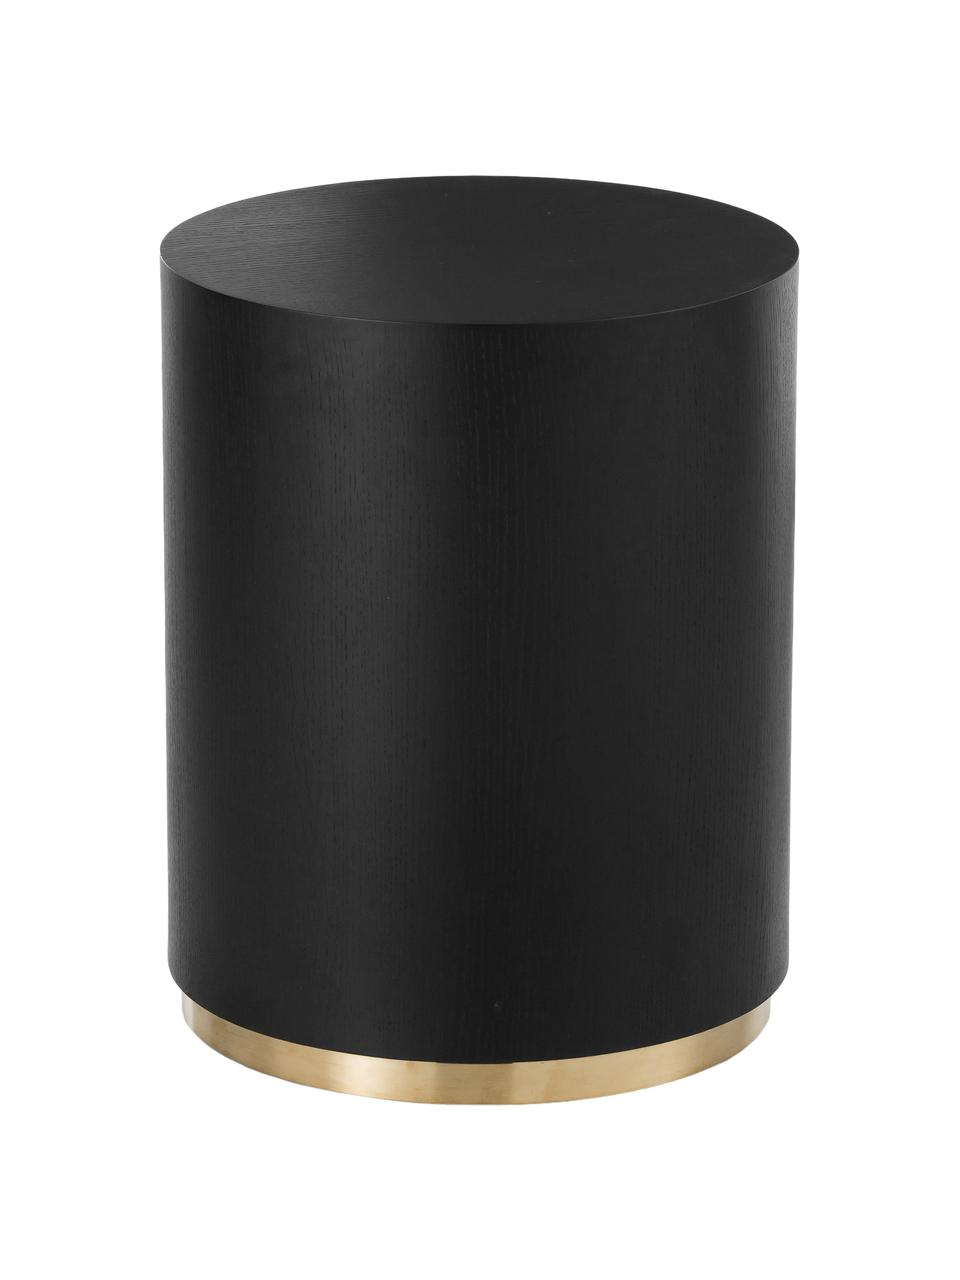 Bijzettafel Clarice in zwart, Frame: MDF met essenhoutfineer, Voet: gecoat metaal, Frame: zwart gelakt essenhout. Voet: goudkleurig, Ø 40 x H 50 cm